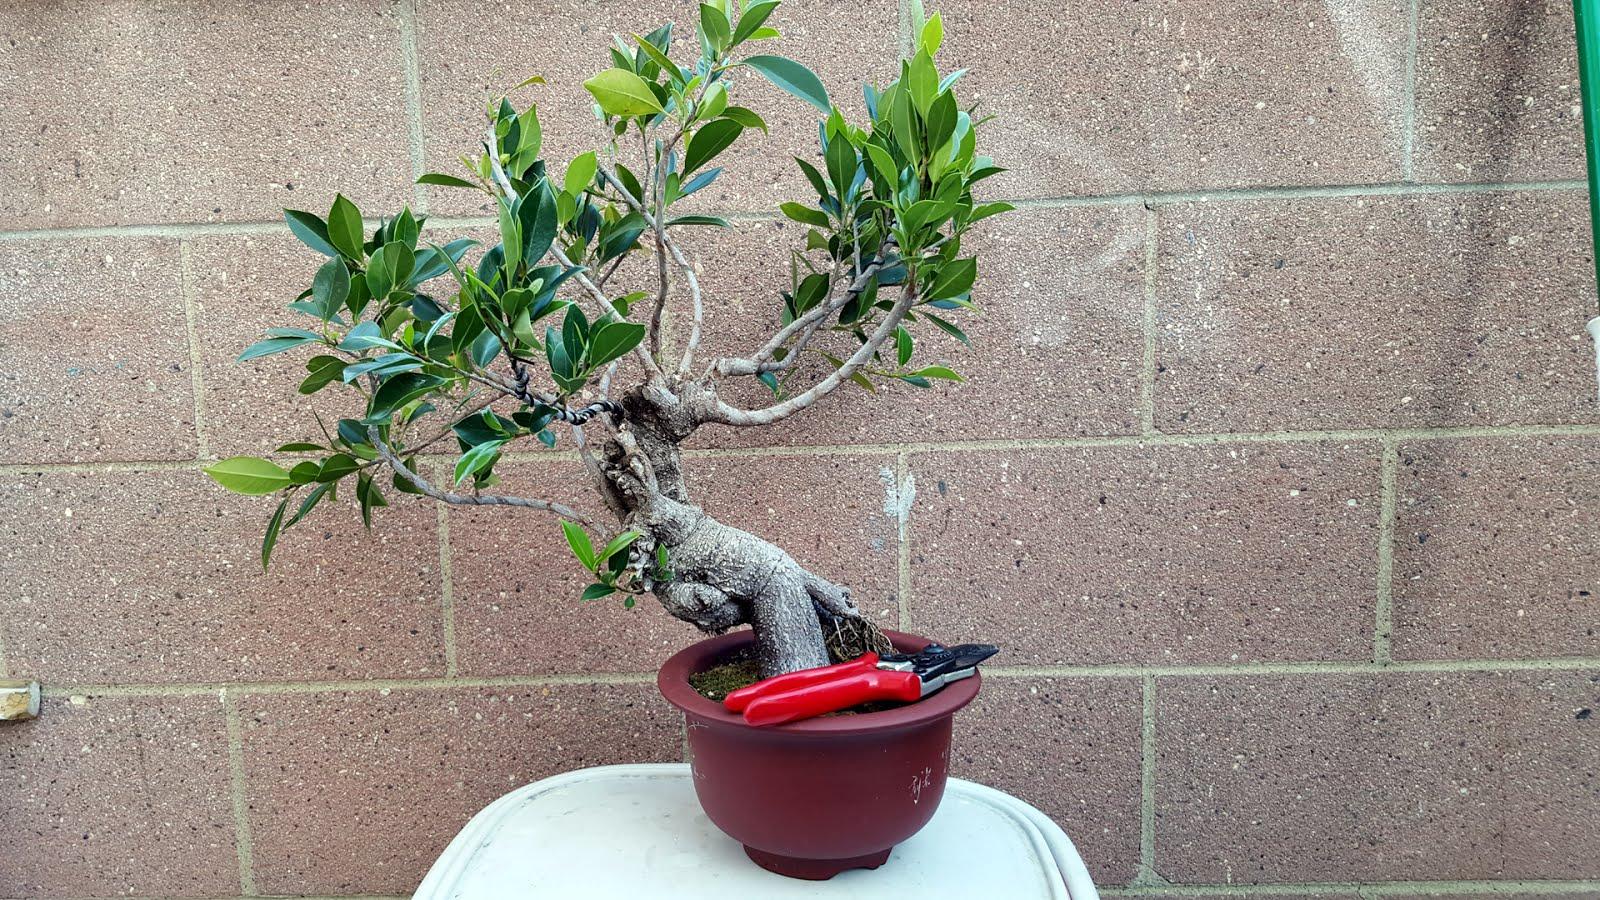 根がユニークな樹形を作り出すガジュマル